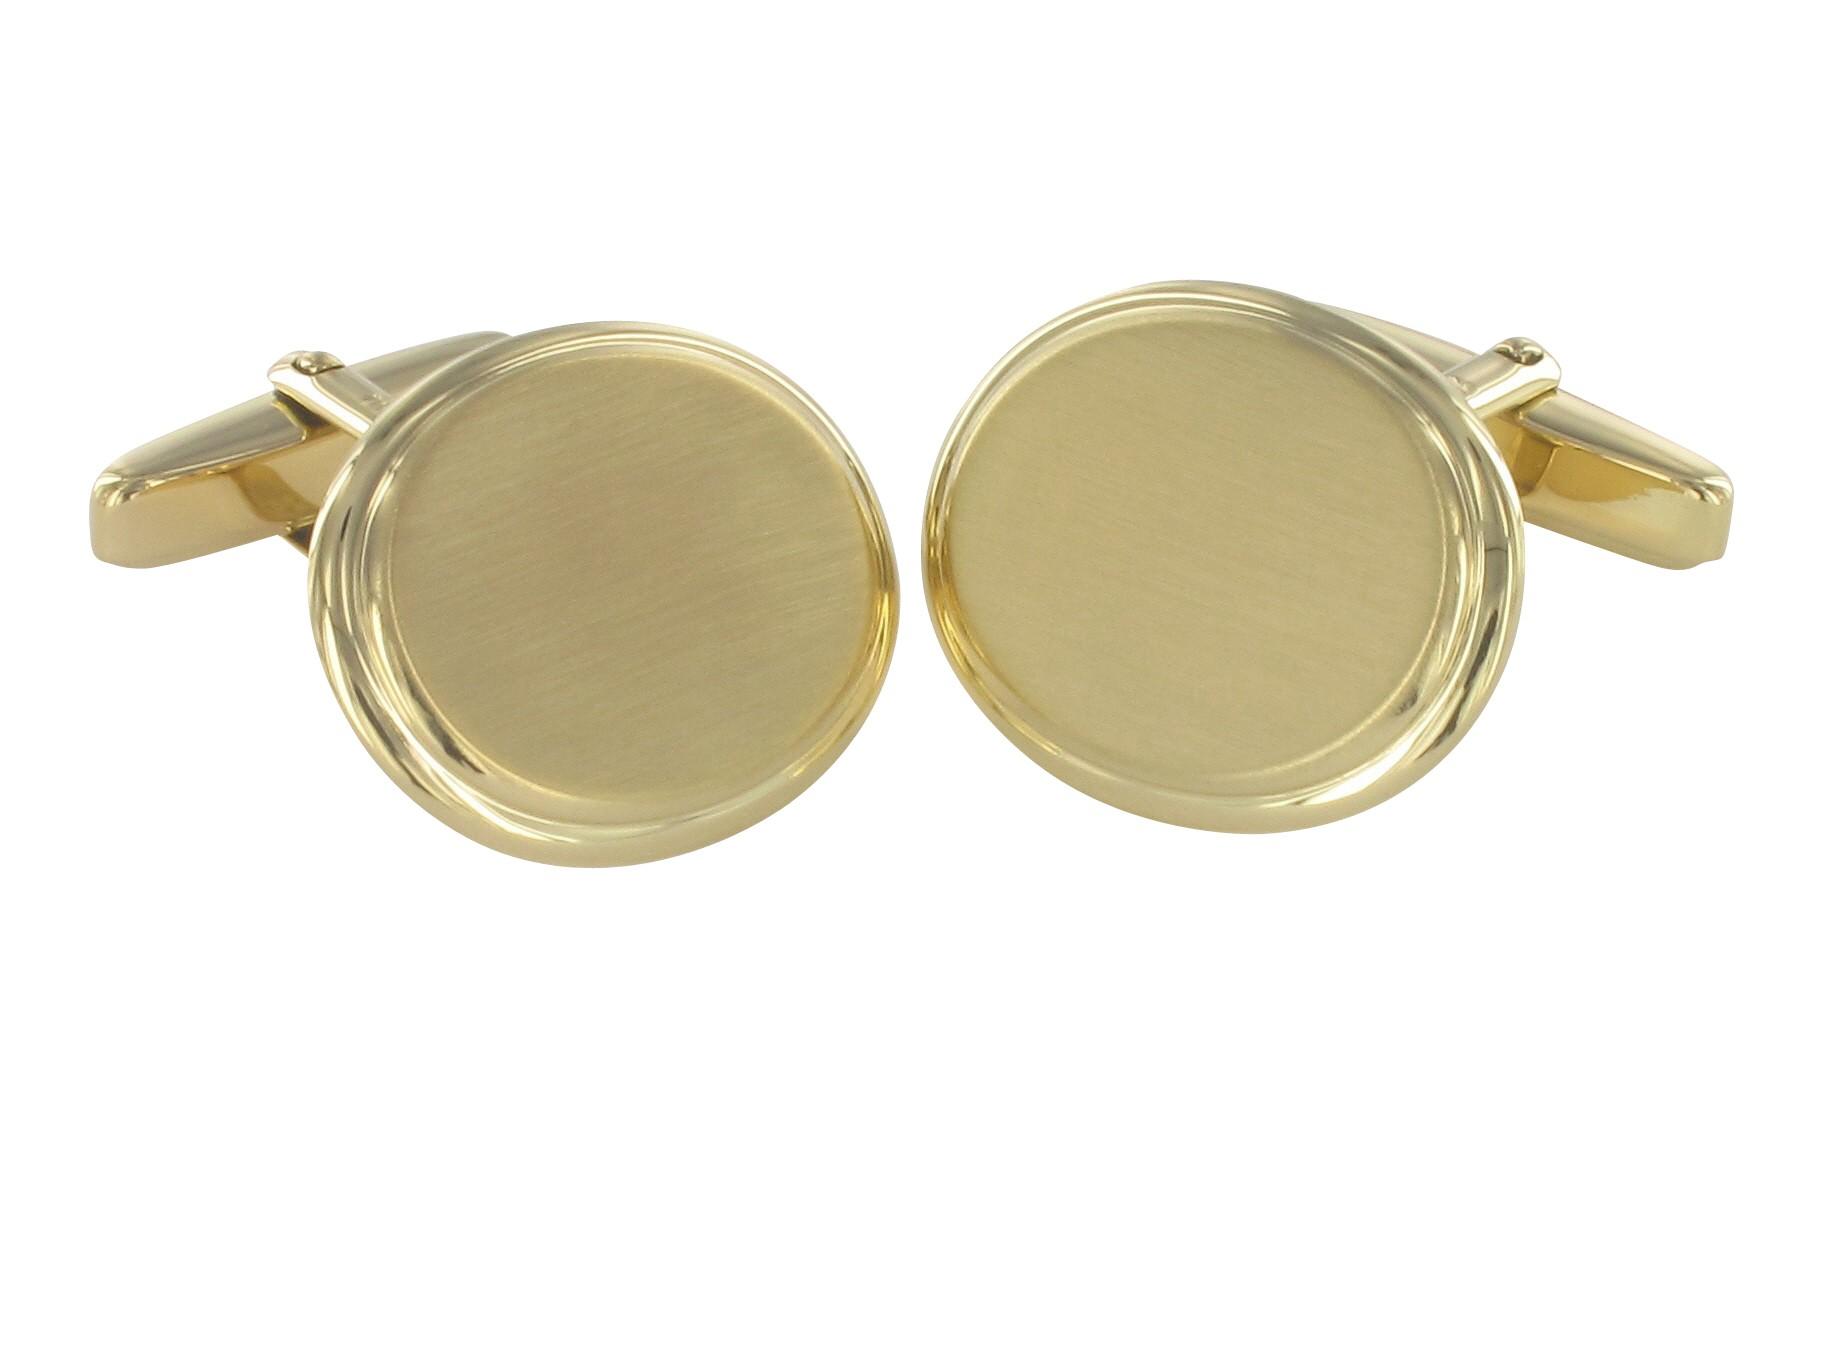 Grom Manschettenknöpfe aus 750er Gold